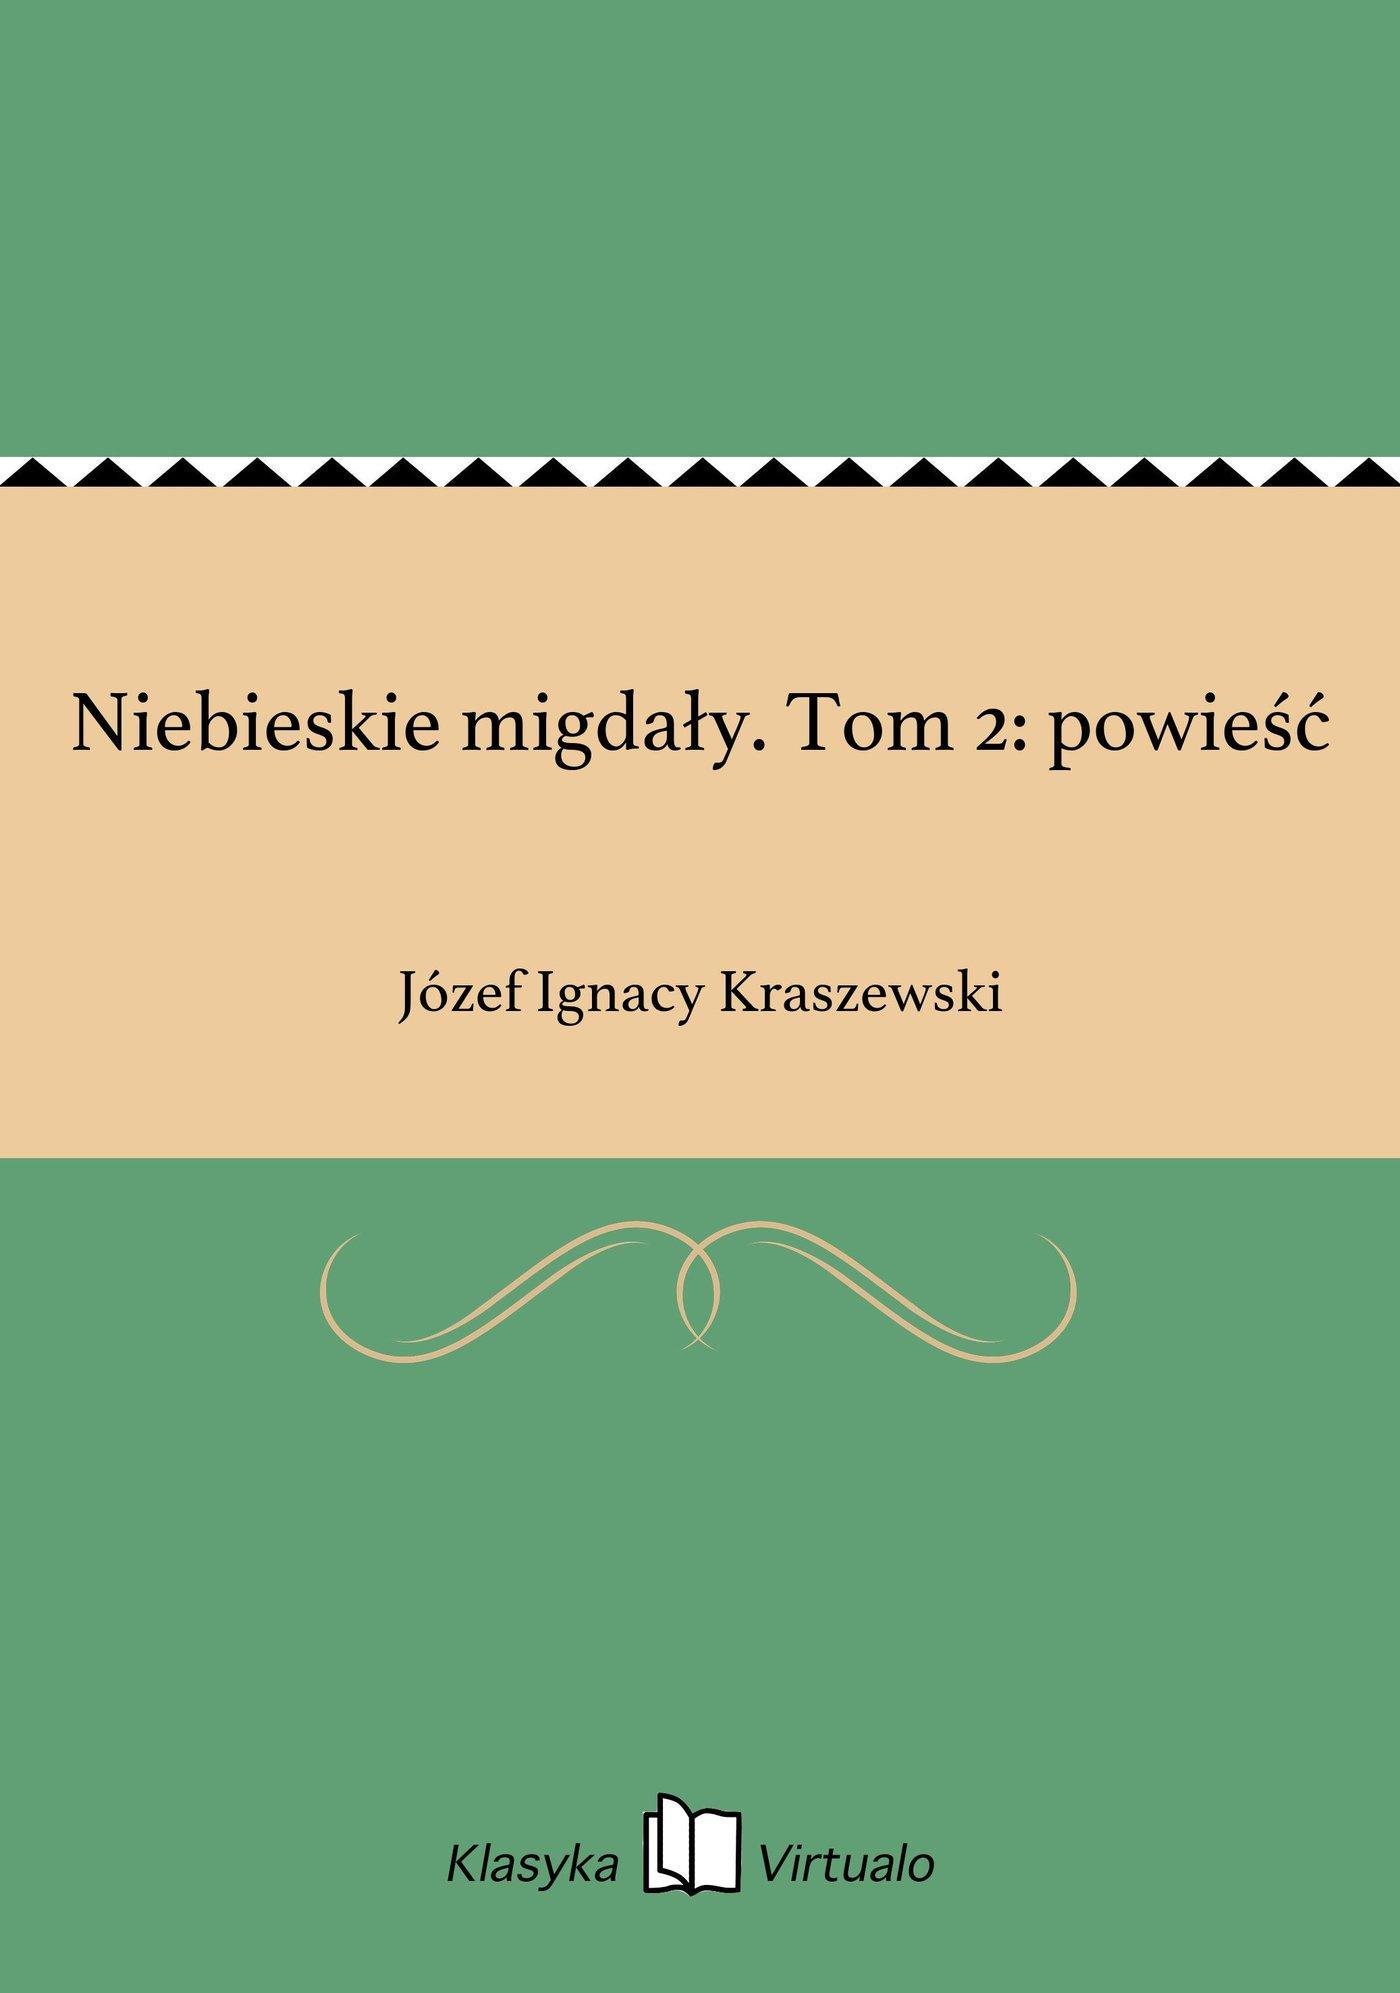 Niebieskie migdały. Tom 2: powieść - Ebook (Książka EPUB) do pobrania w formacie EPUB